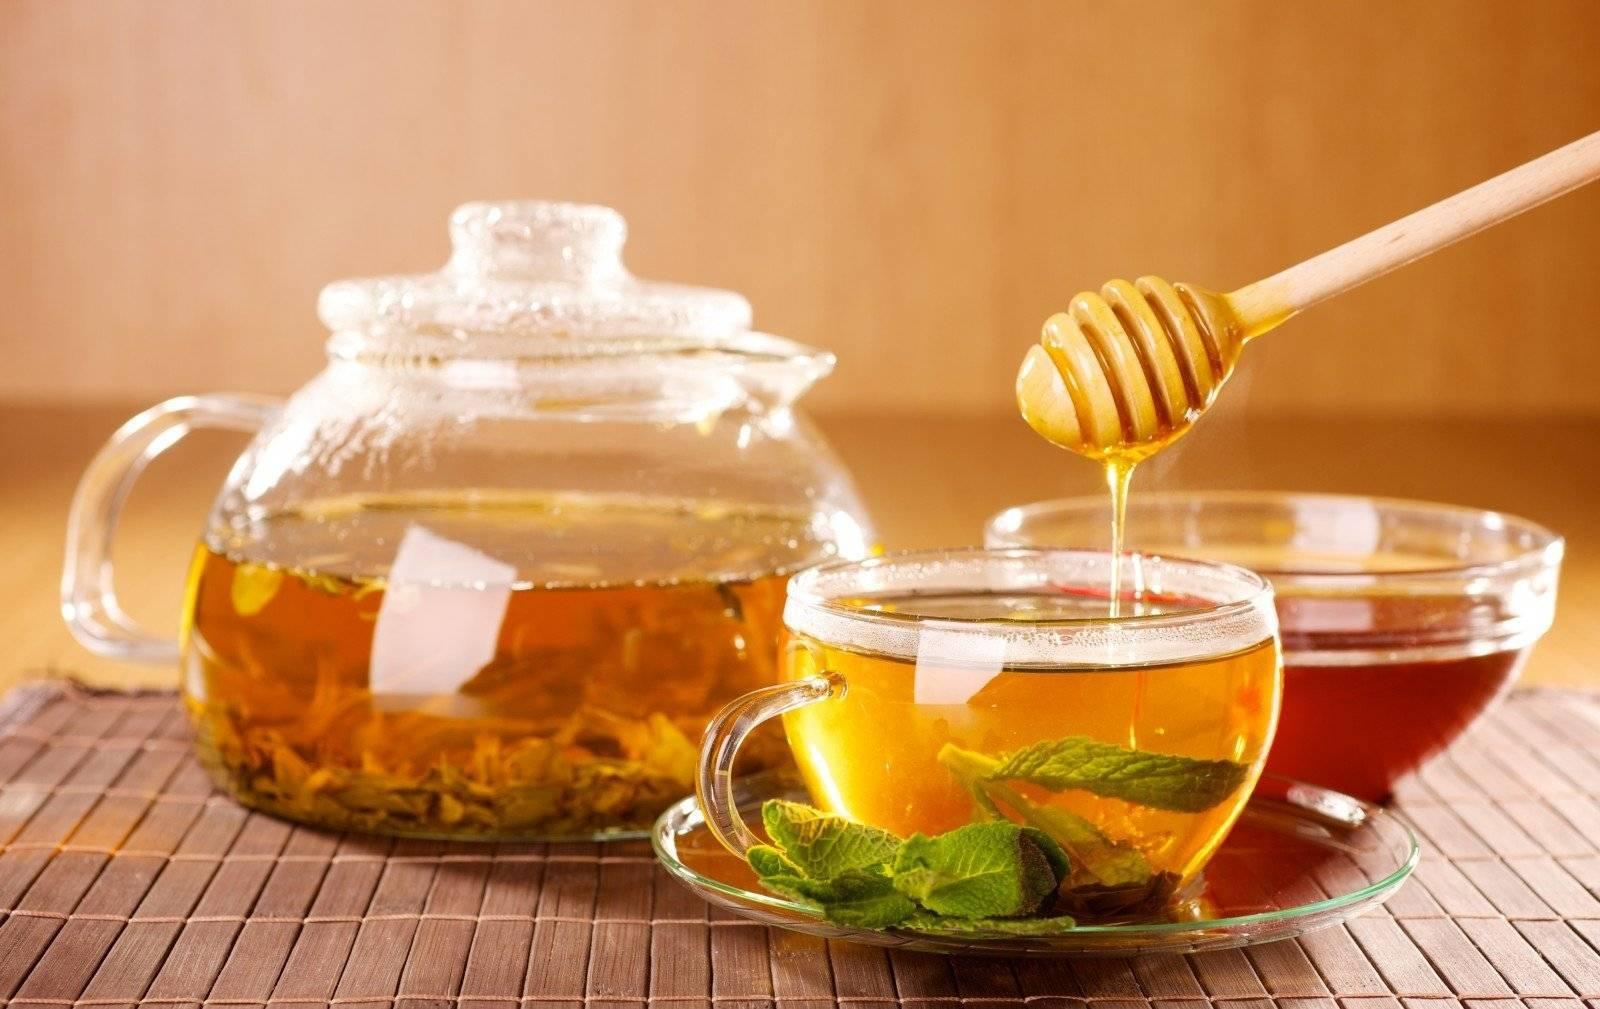 Сбитень медовый рецепт приготовления в домашних условиях - точный диагноз